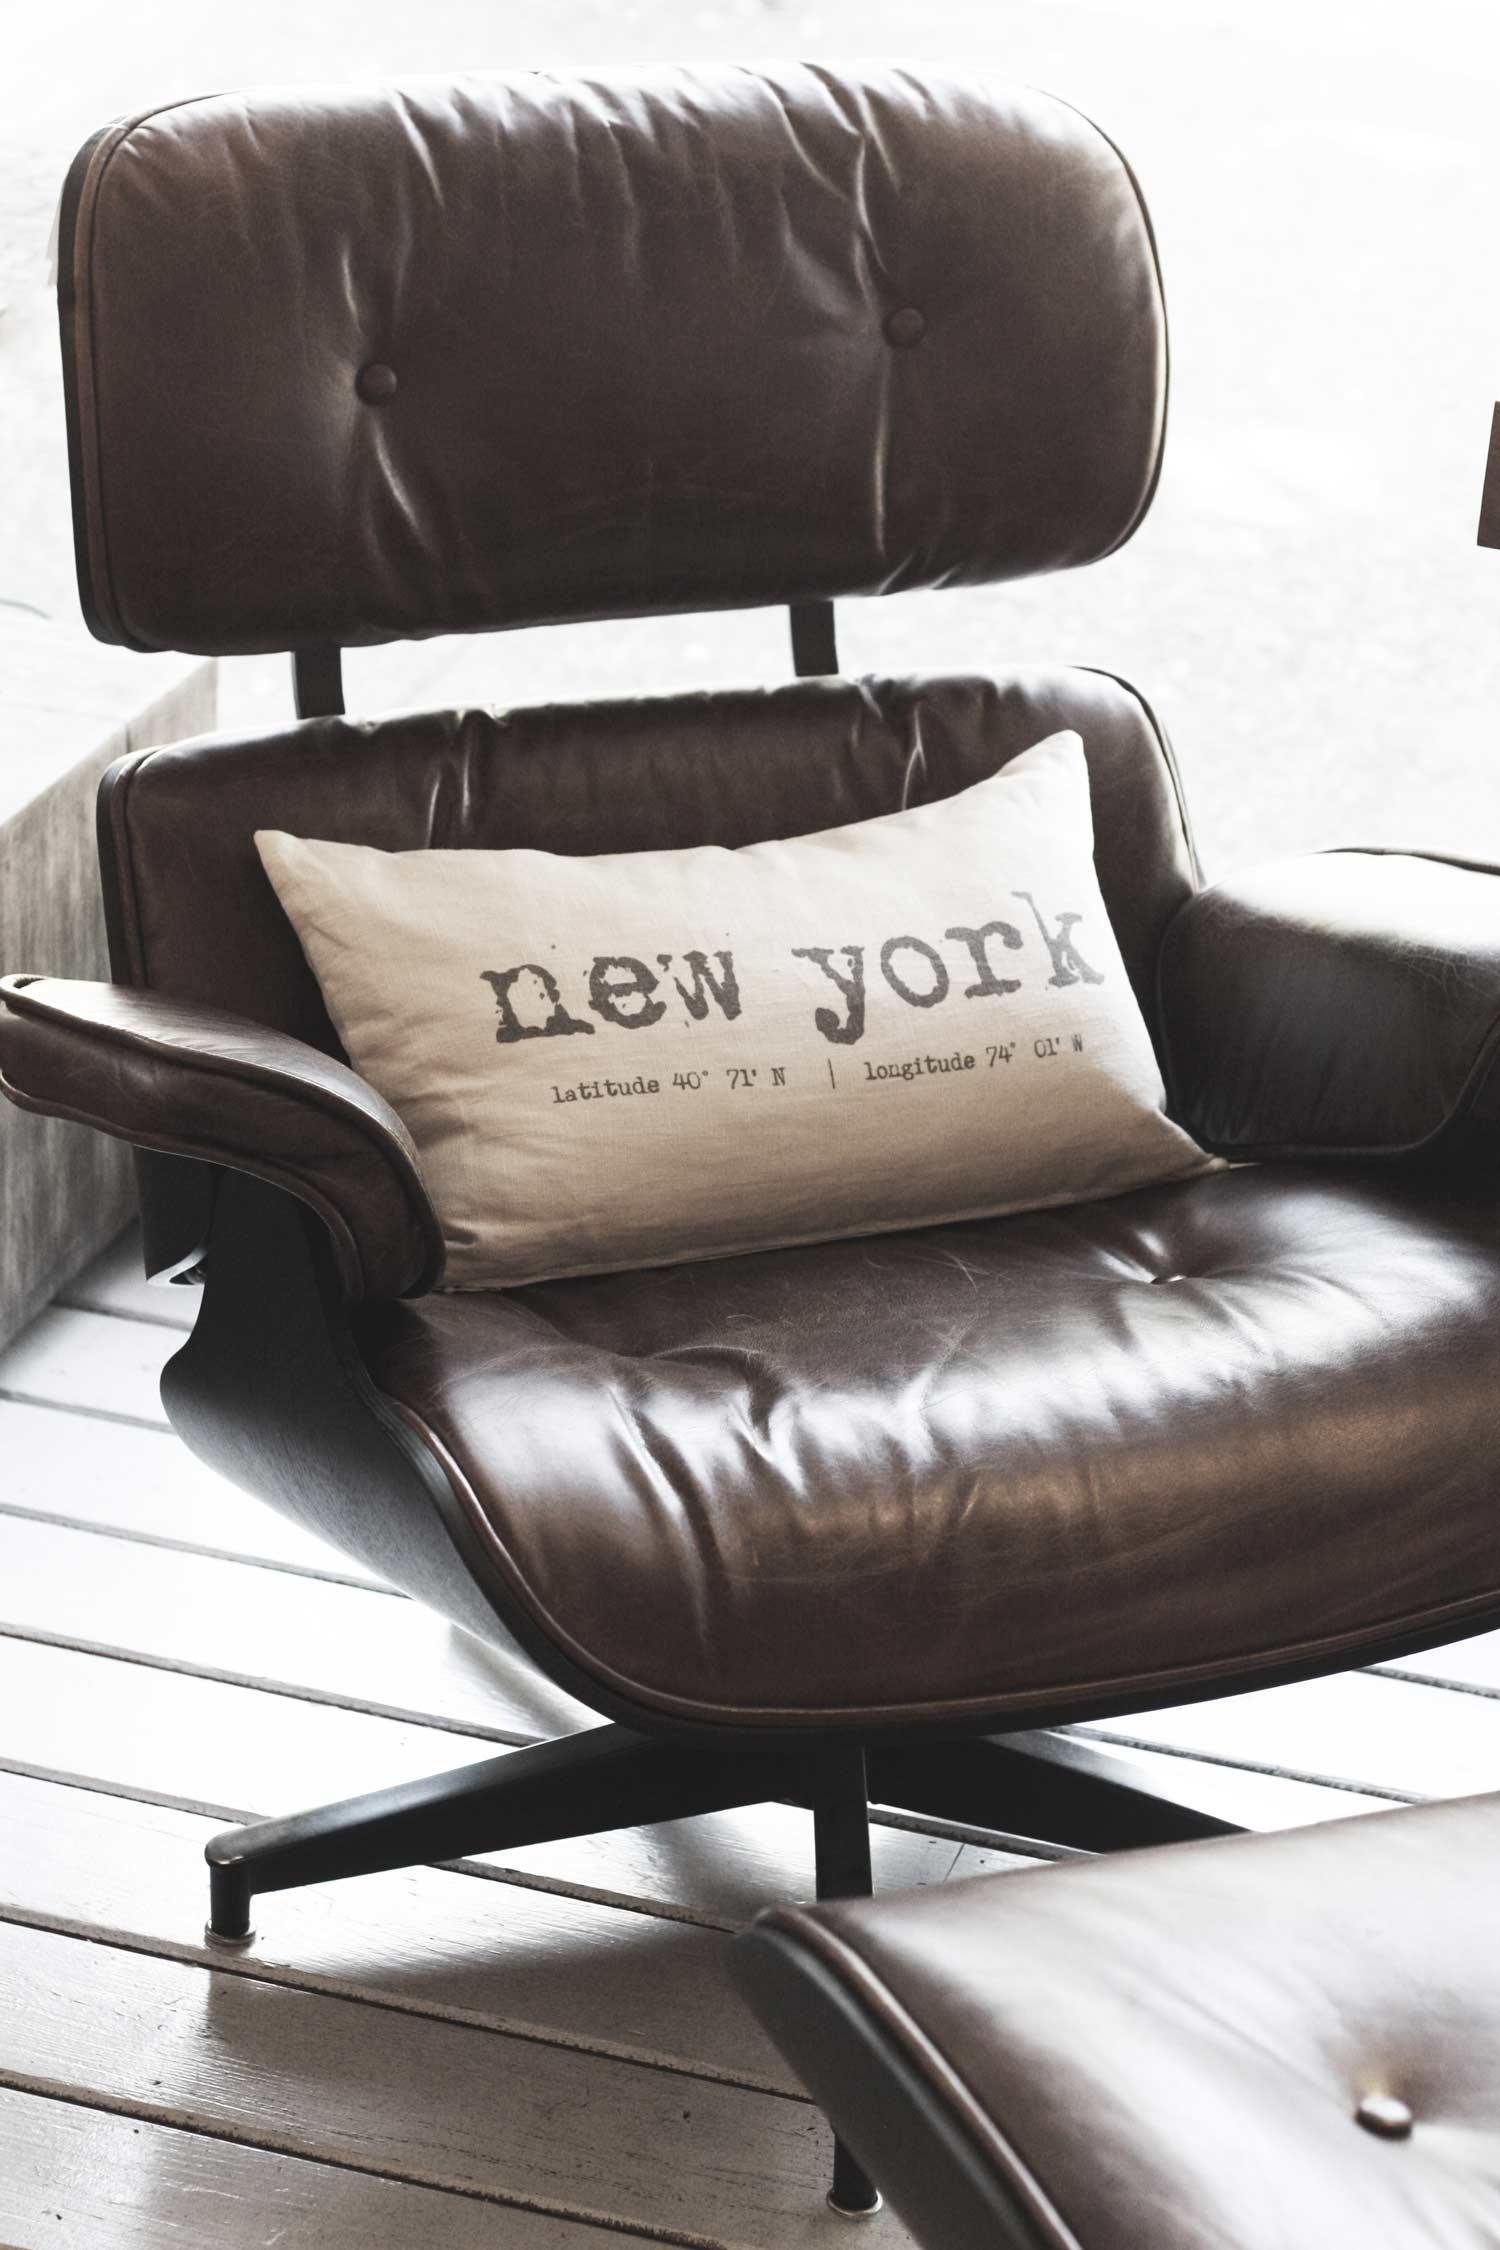 city-inspired new york pillow